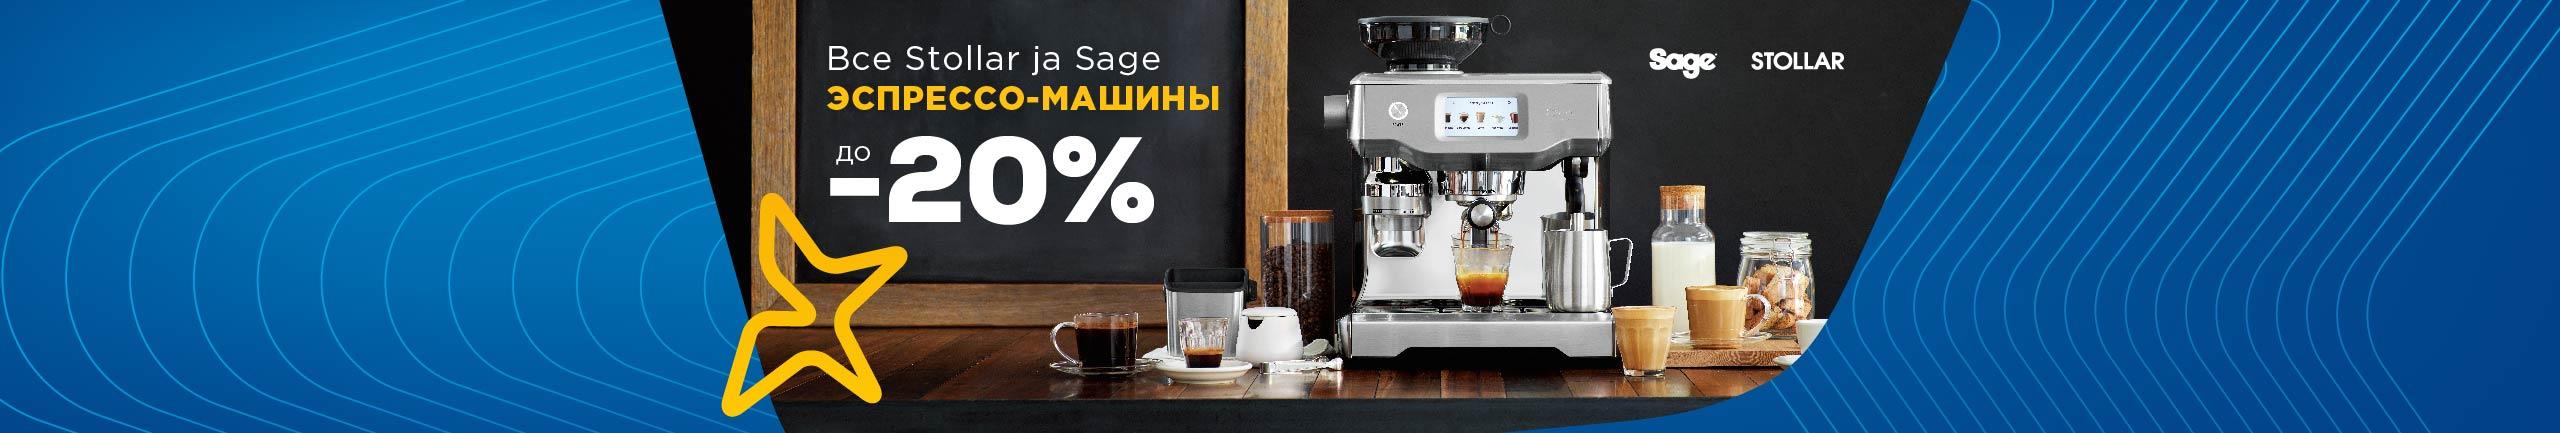 Все кофемашины Stollar и Sage до -20%